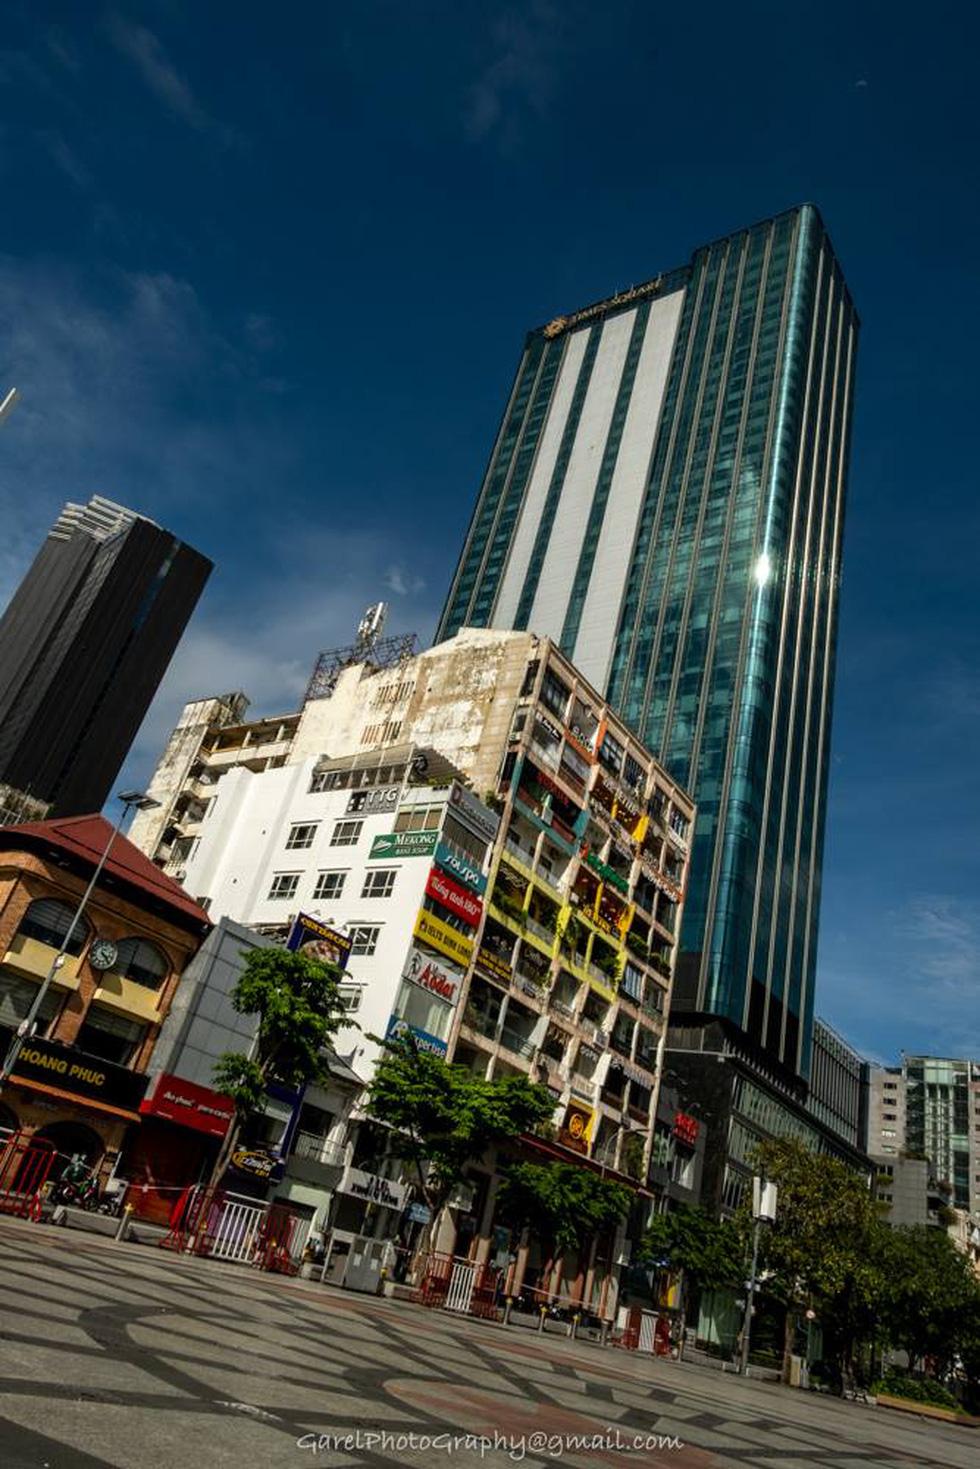 Sài Gòn 'đẹp lạ' những ngày giãn cách trong bộ ảnh của nhiếp ảnh gia Alexandre Garel - Ảnh 10.